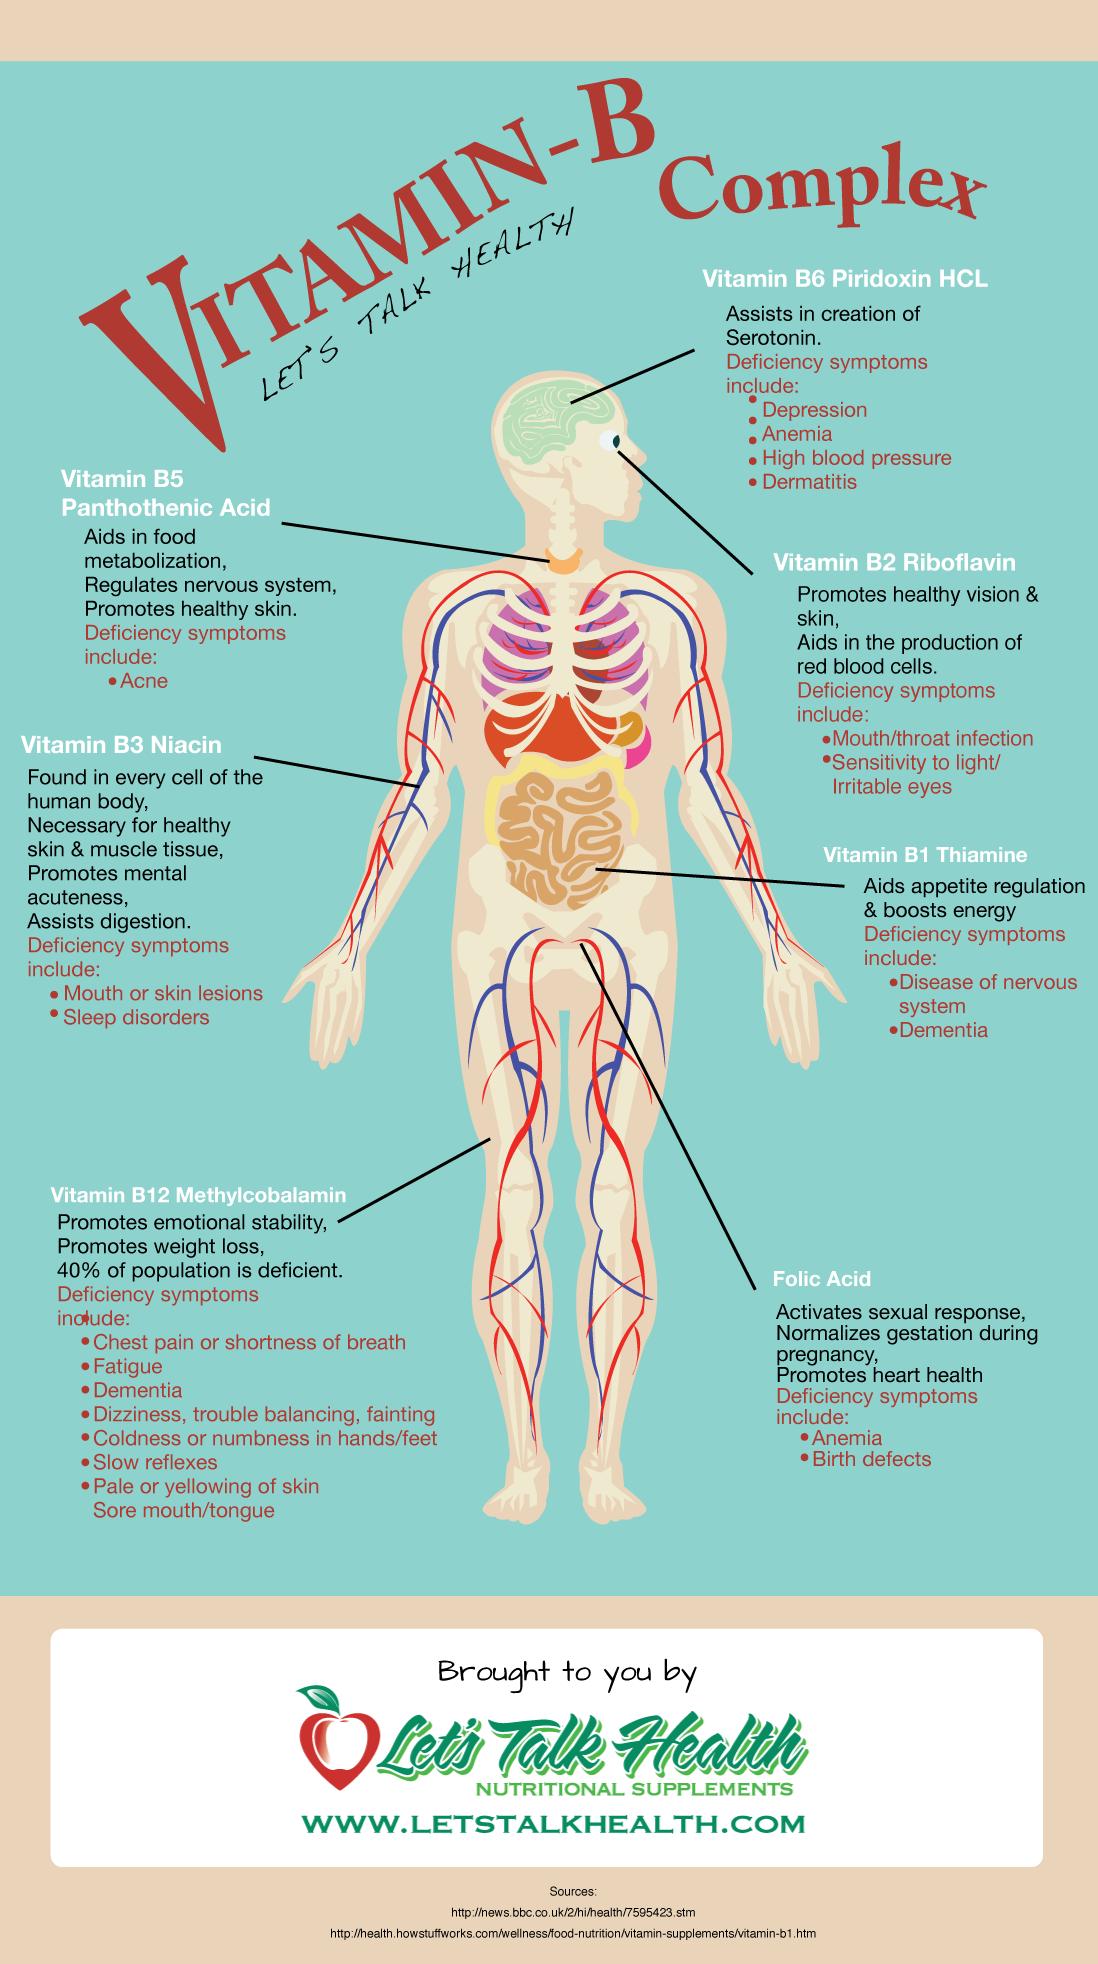 Vitamin B Complex [INFOGRAPHIC]